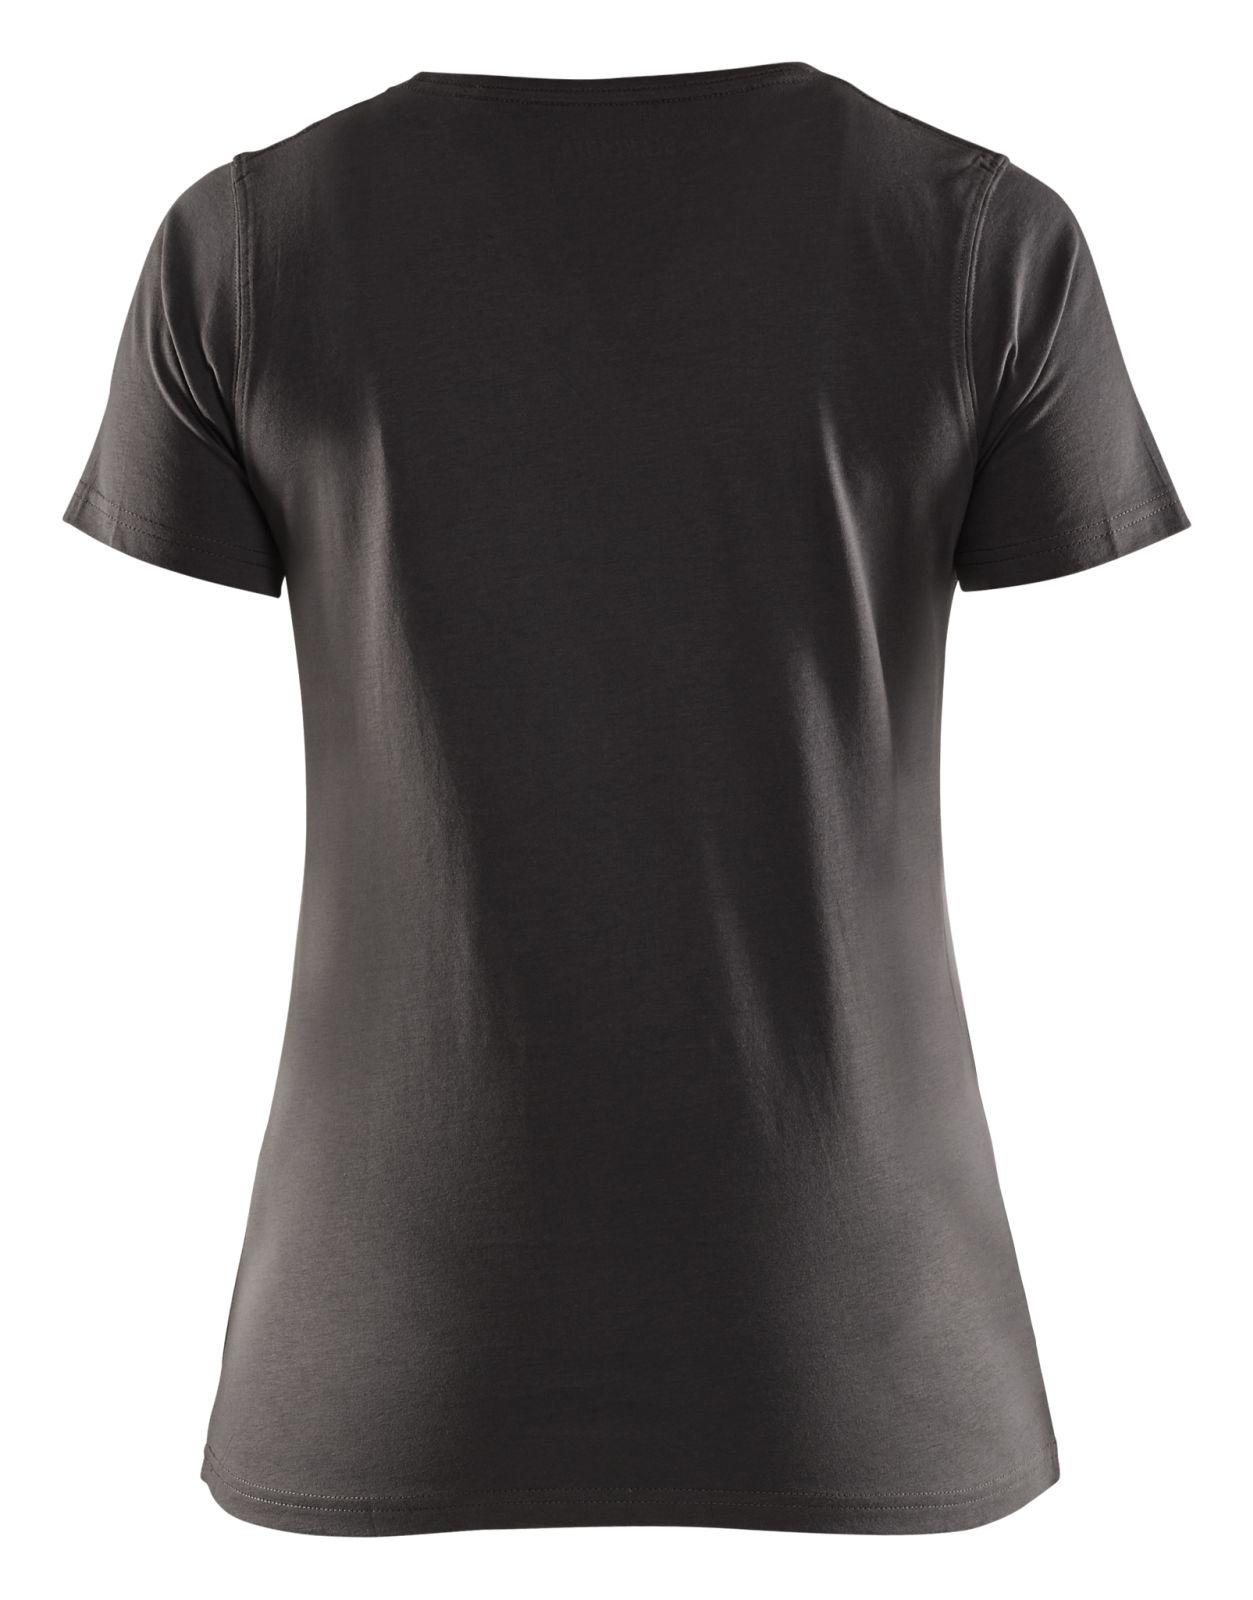 Blaklader Dames T-shirts 33341042 donkergrijs(9800)